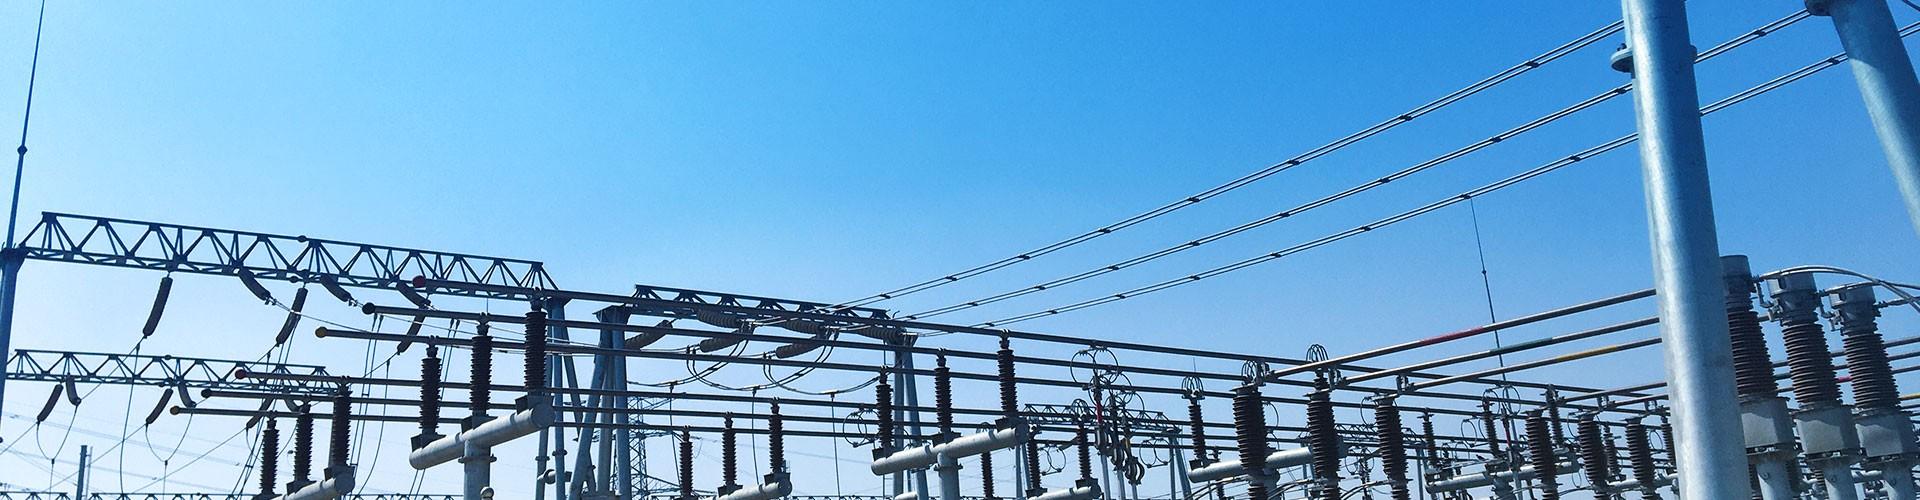 Conduzir a segurança Da electricidade Humana